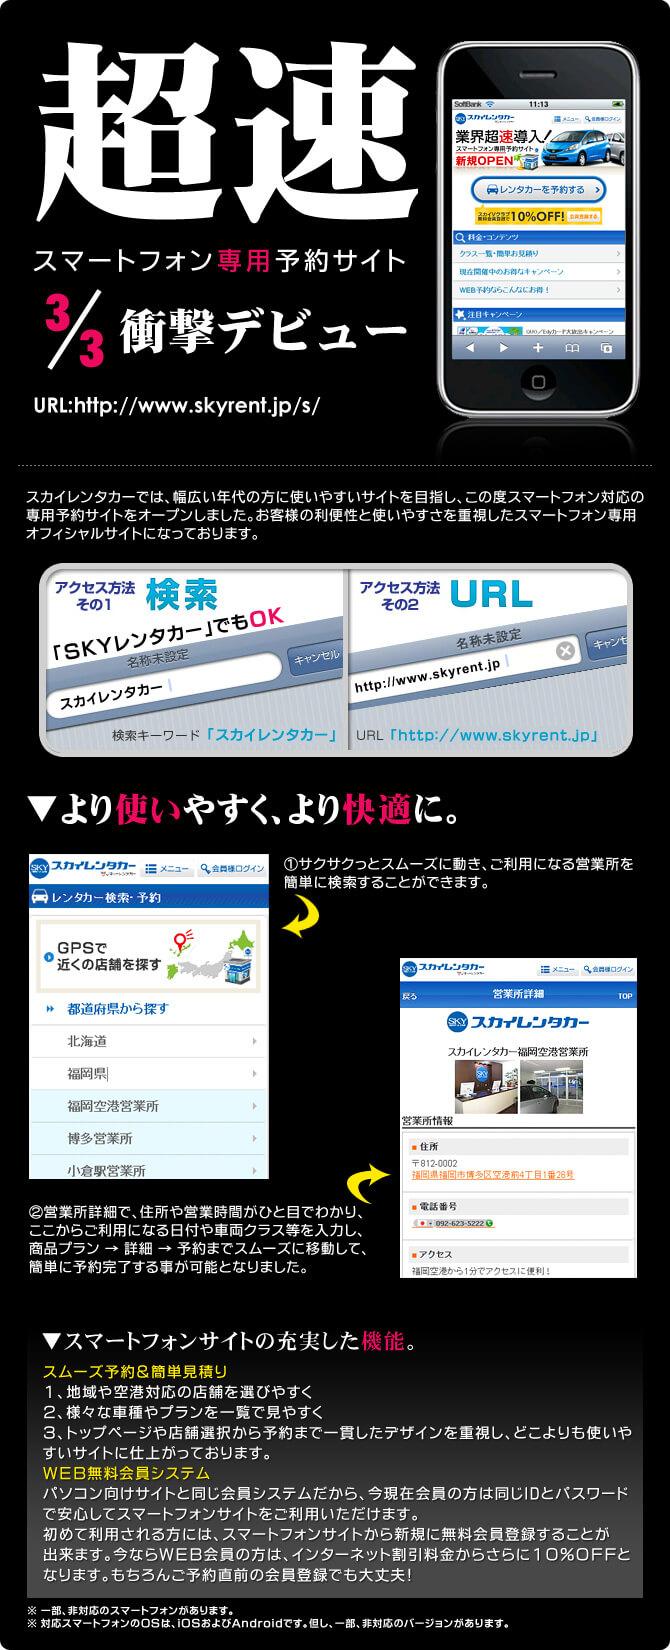 スマートフォン専用サイトOPEN